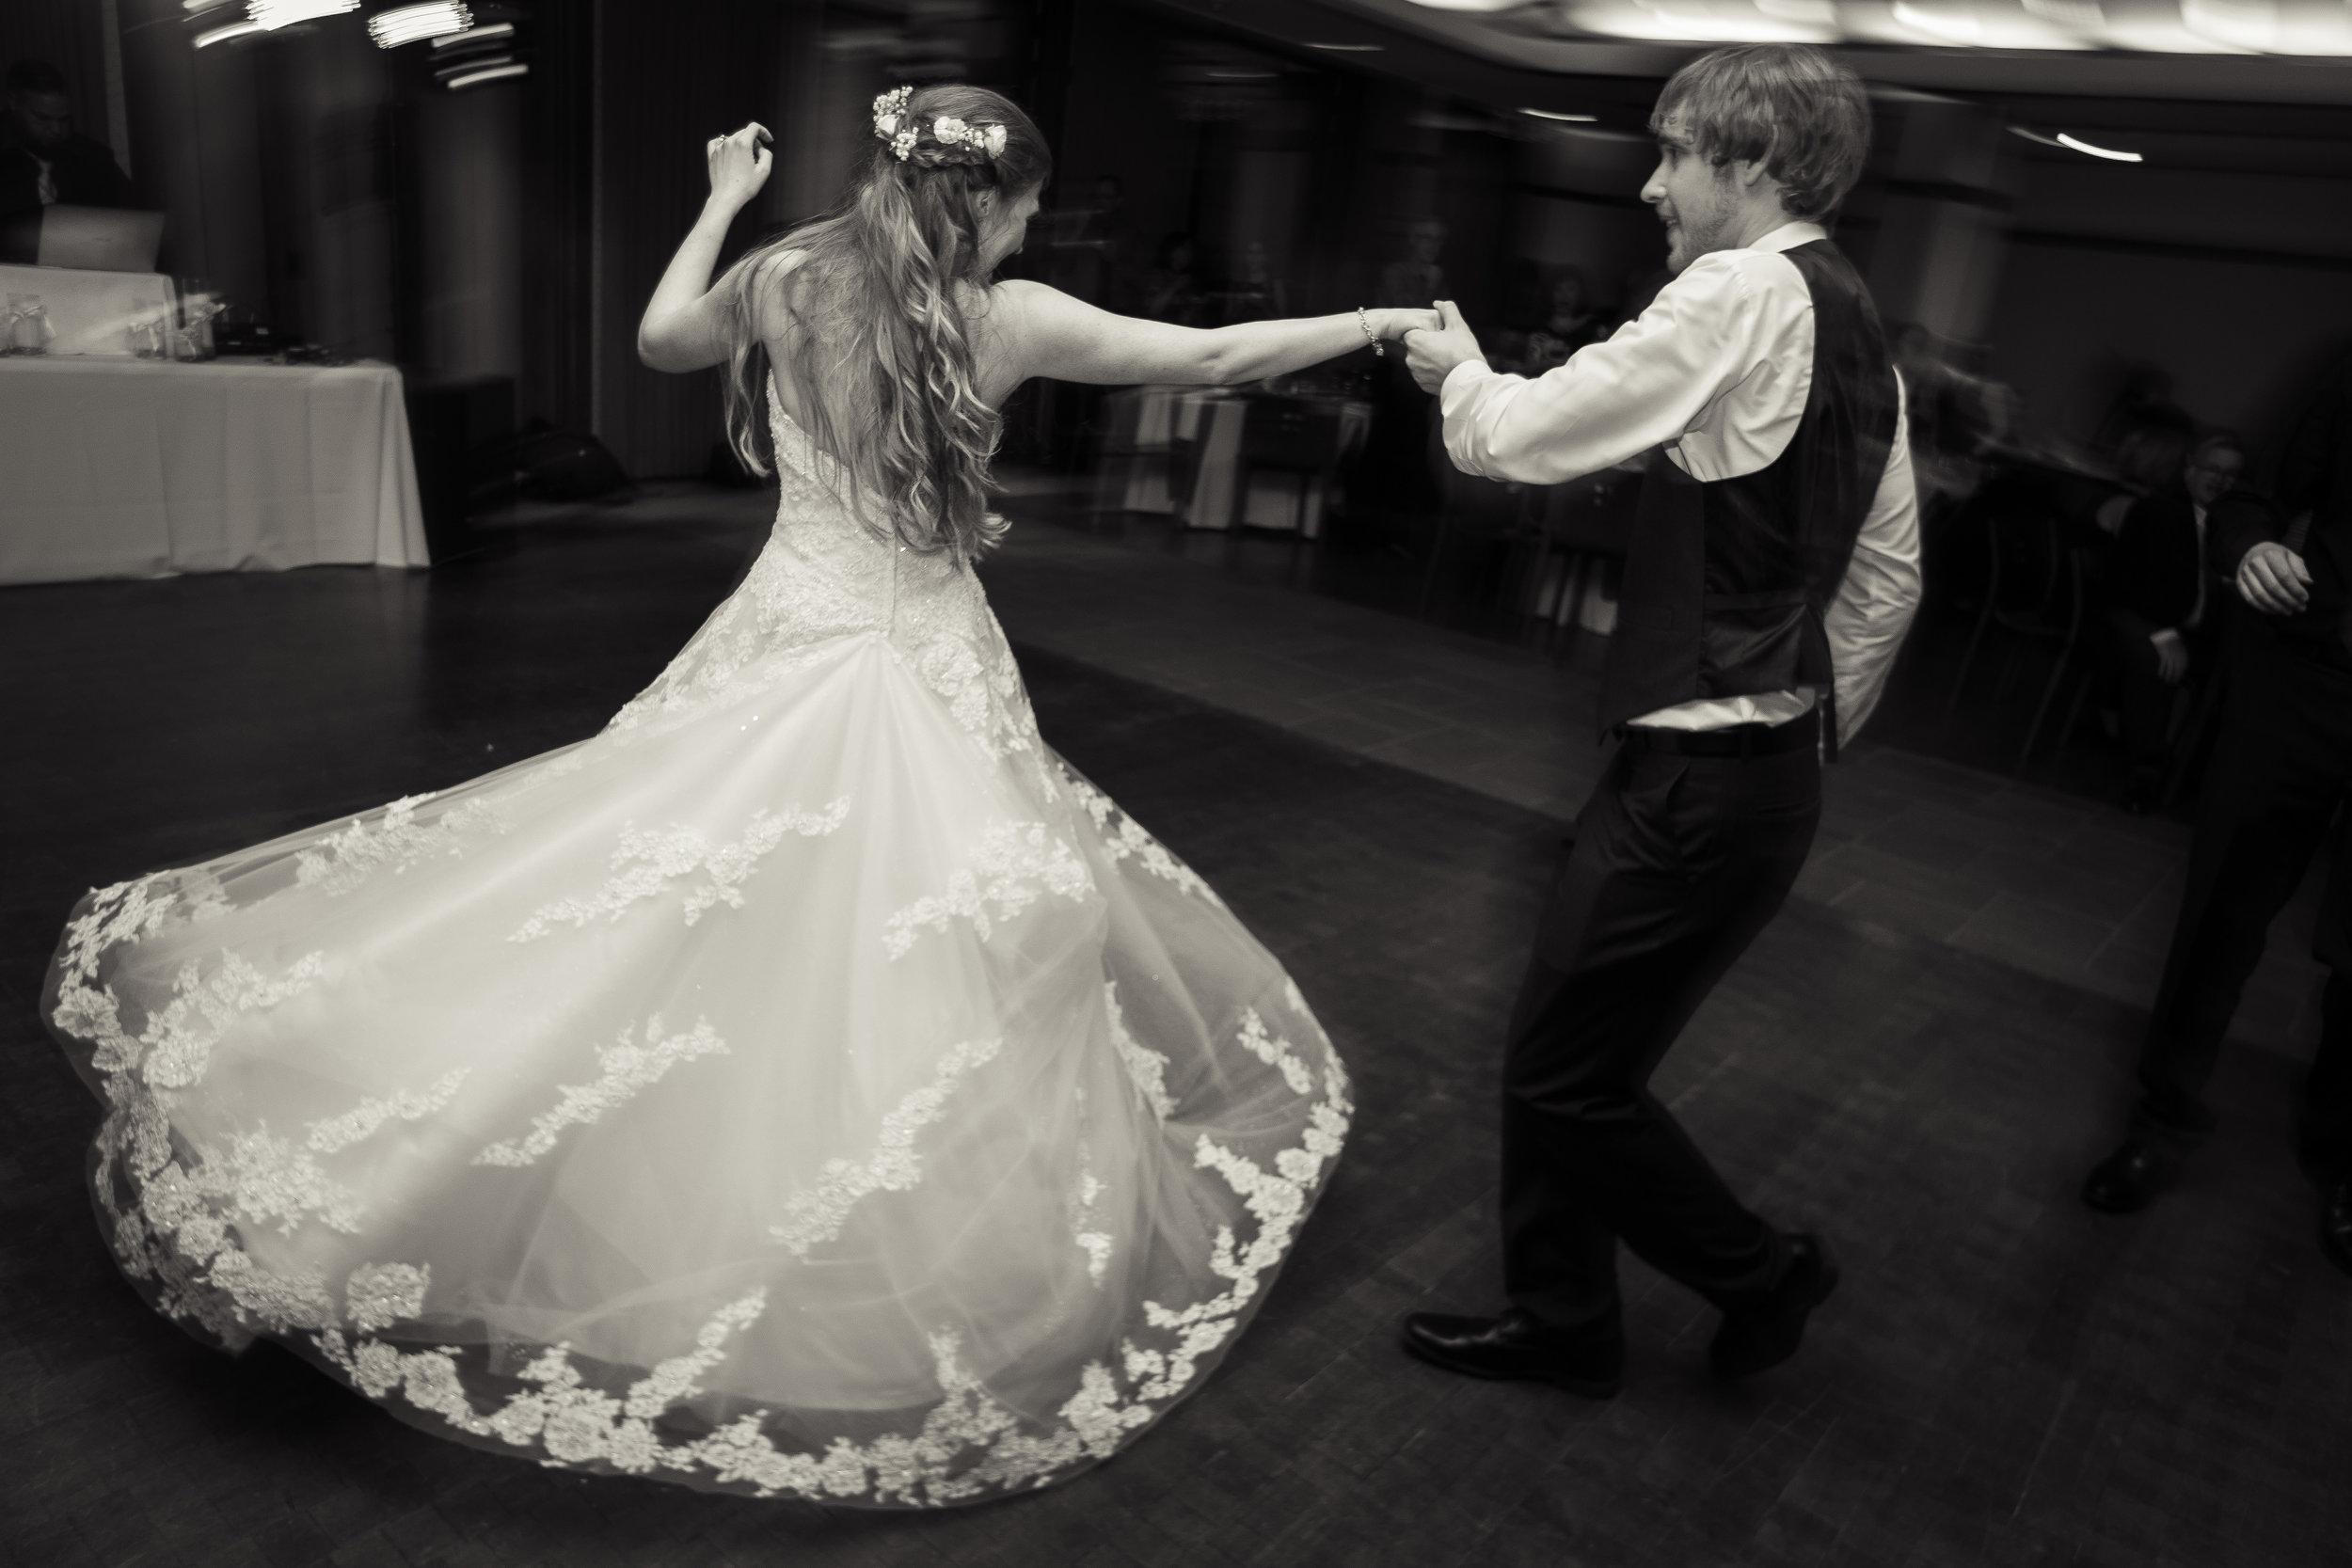 C_Wedding_Spellman, Megan & Tyler_10.27.18-2108.JPG